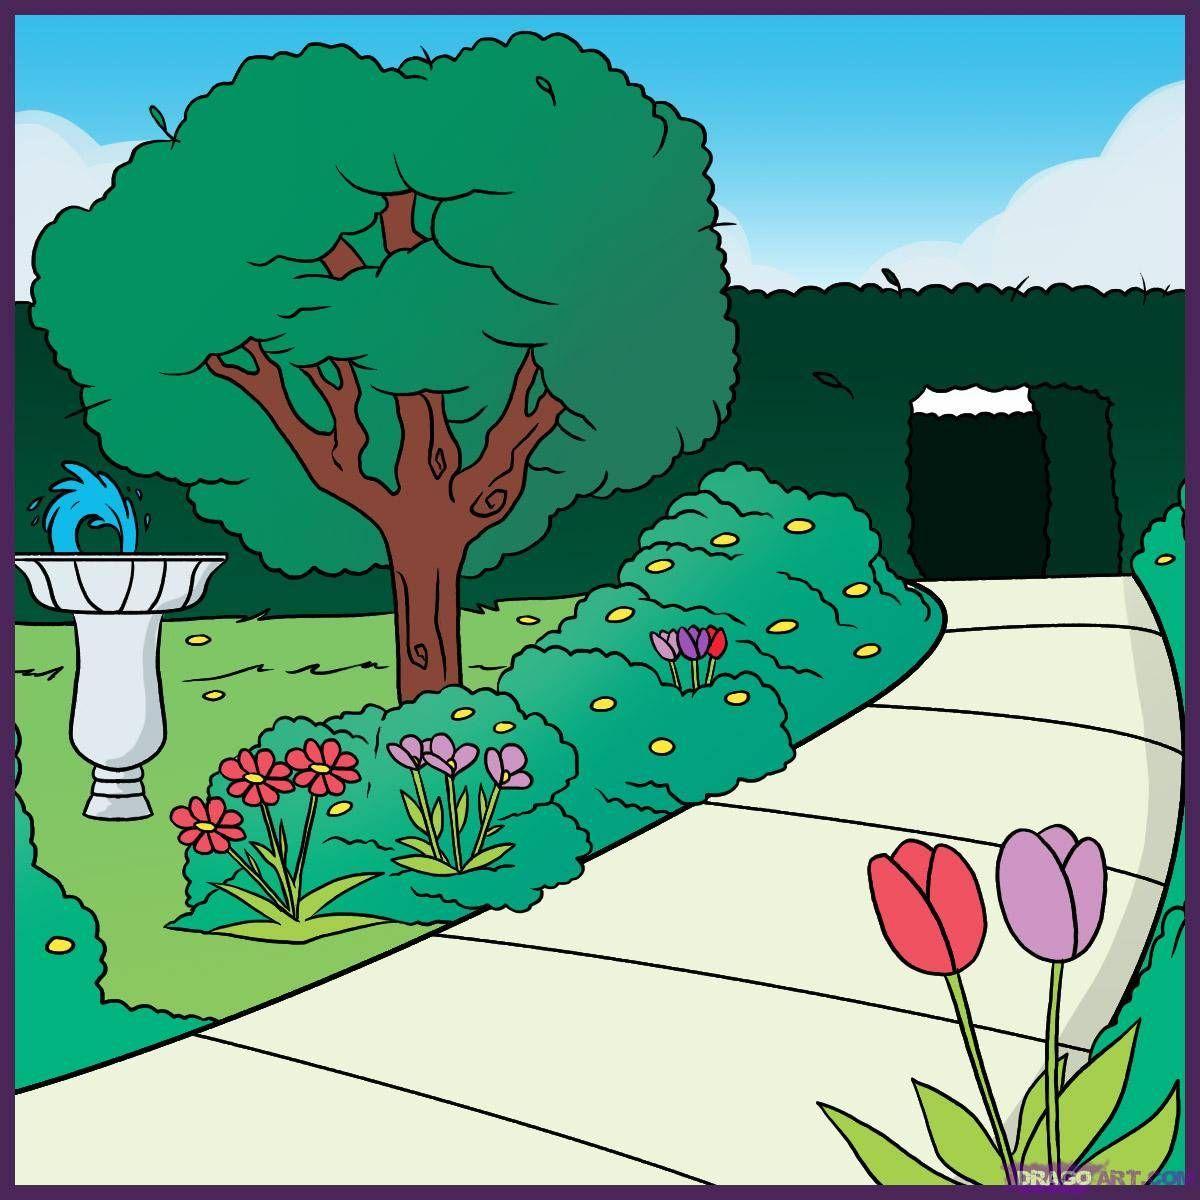 выполнять картинки для рисования в саду карандашом любой другой